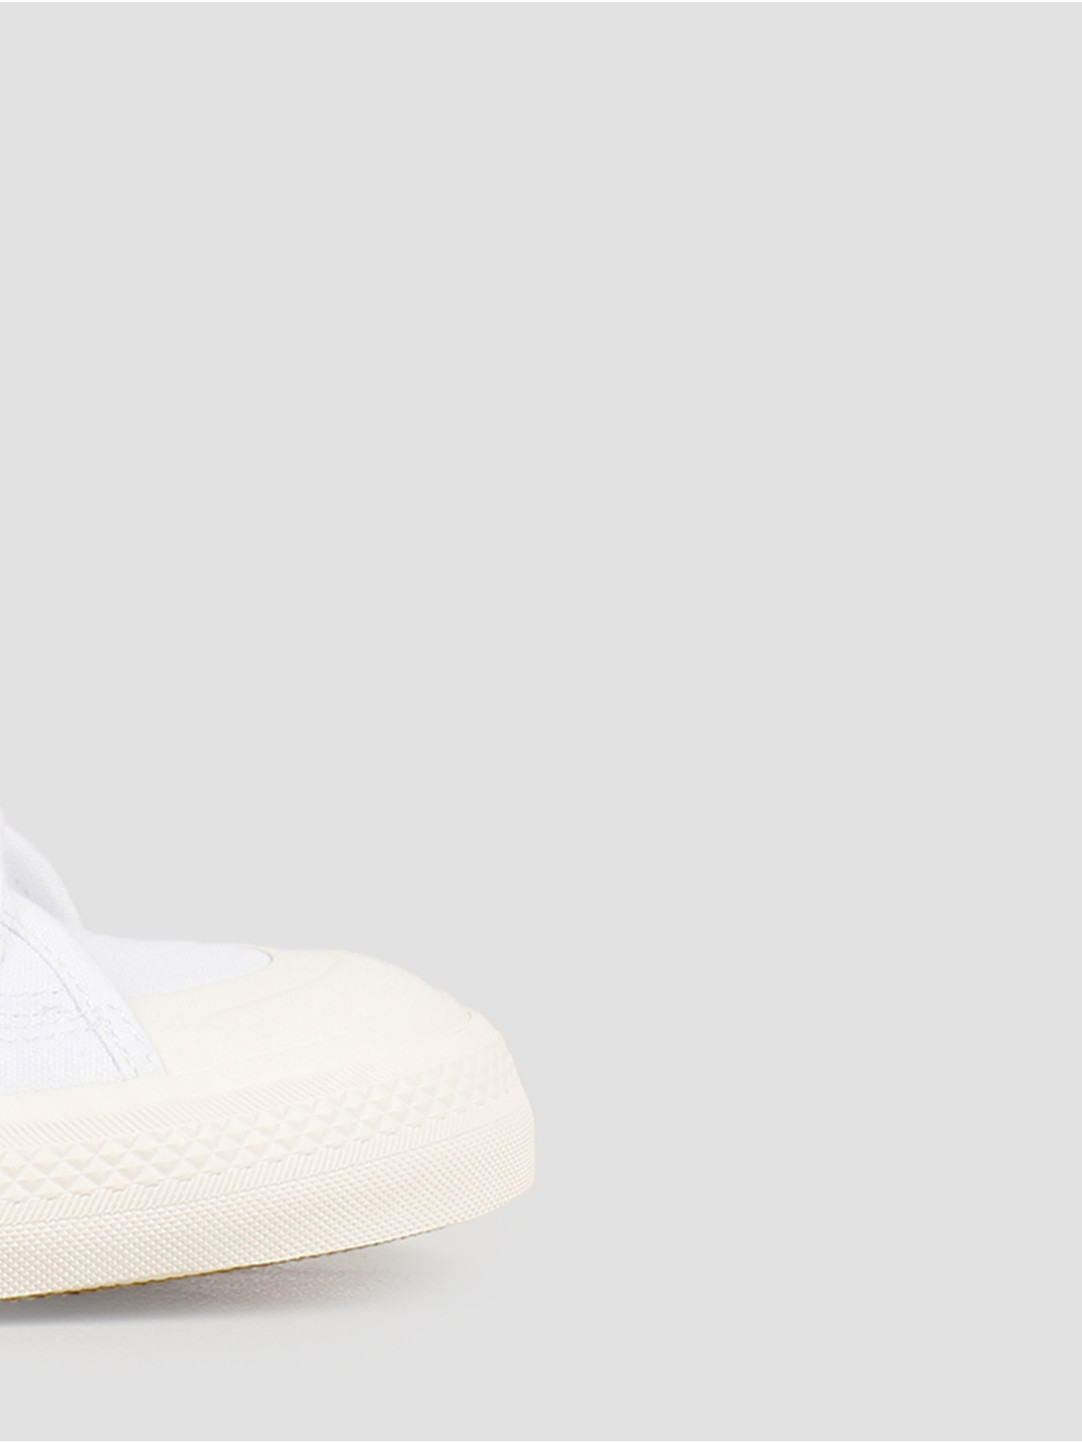 adidas adidas Nizza Rf FootwearWhite Offwhite EF1883